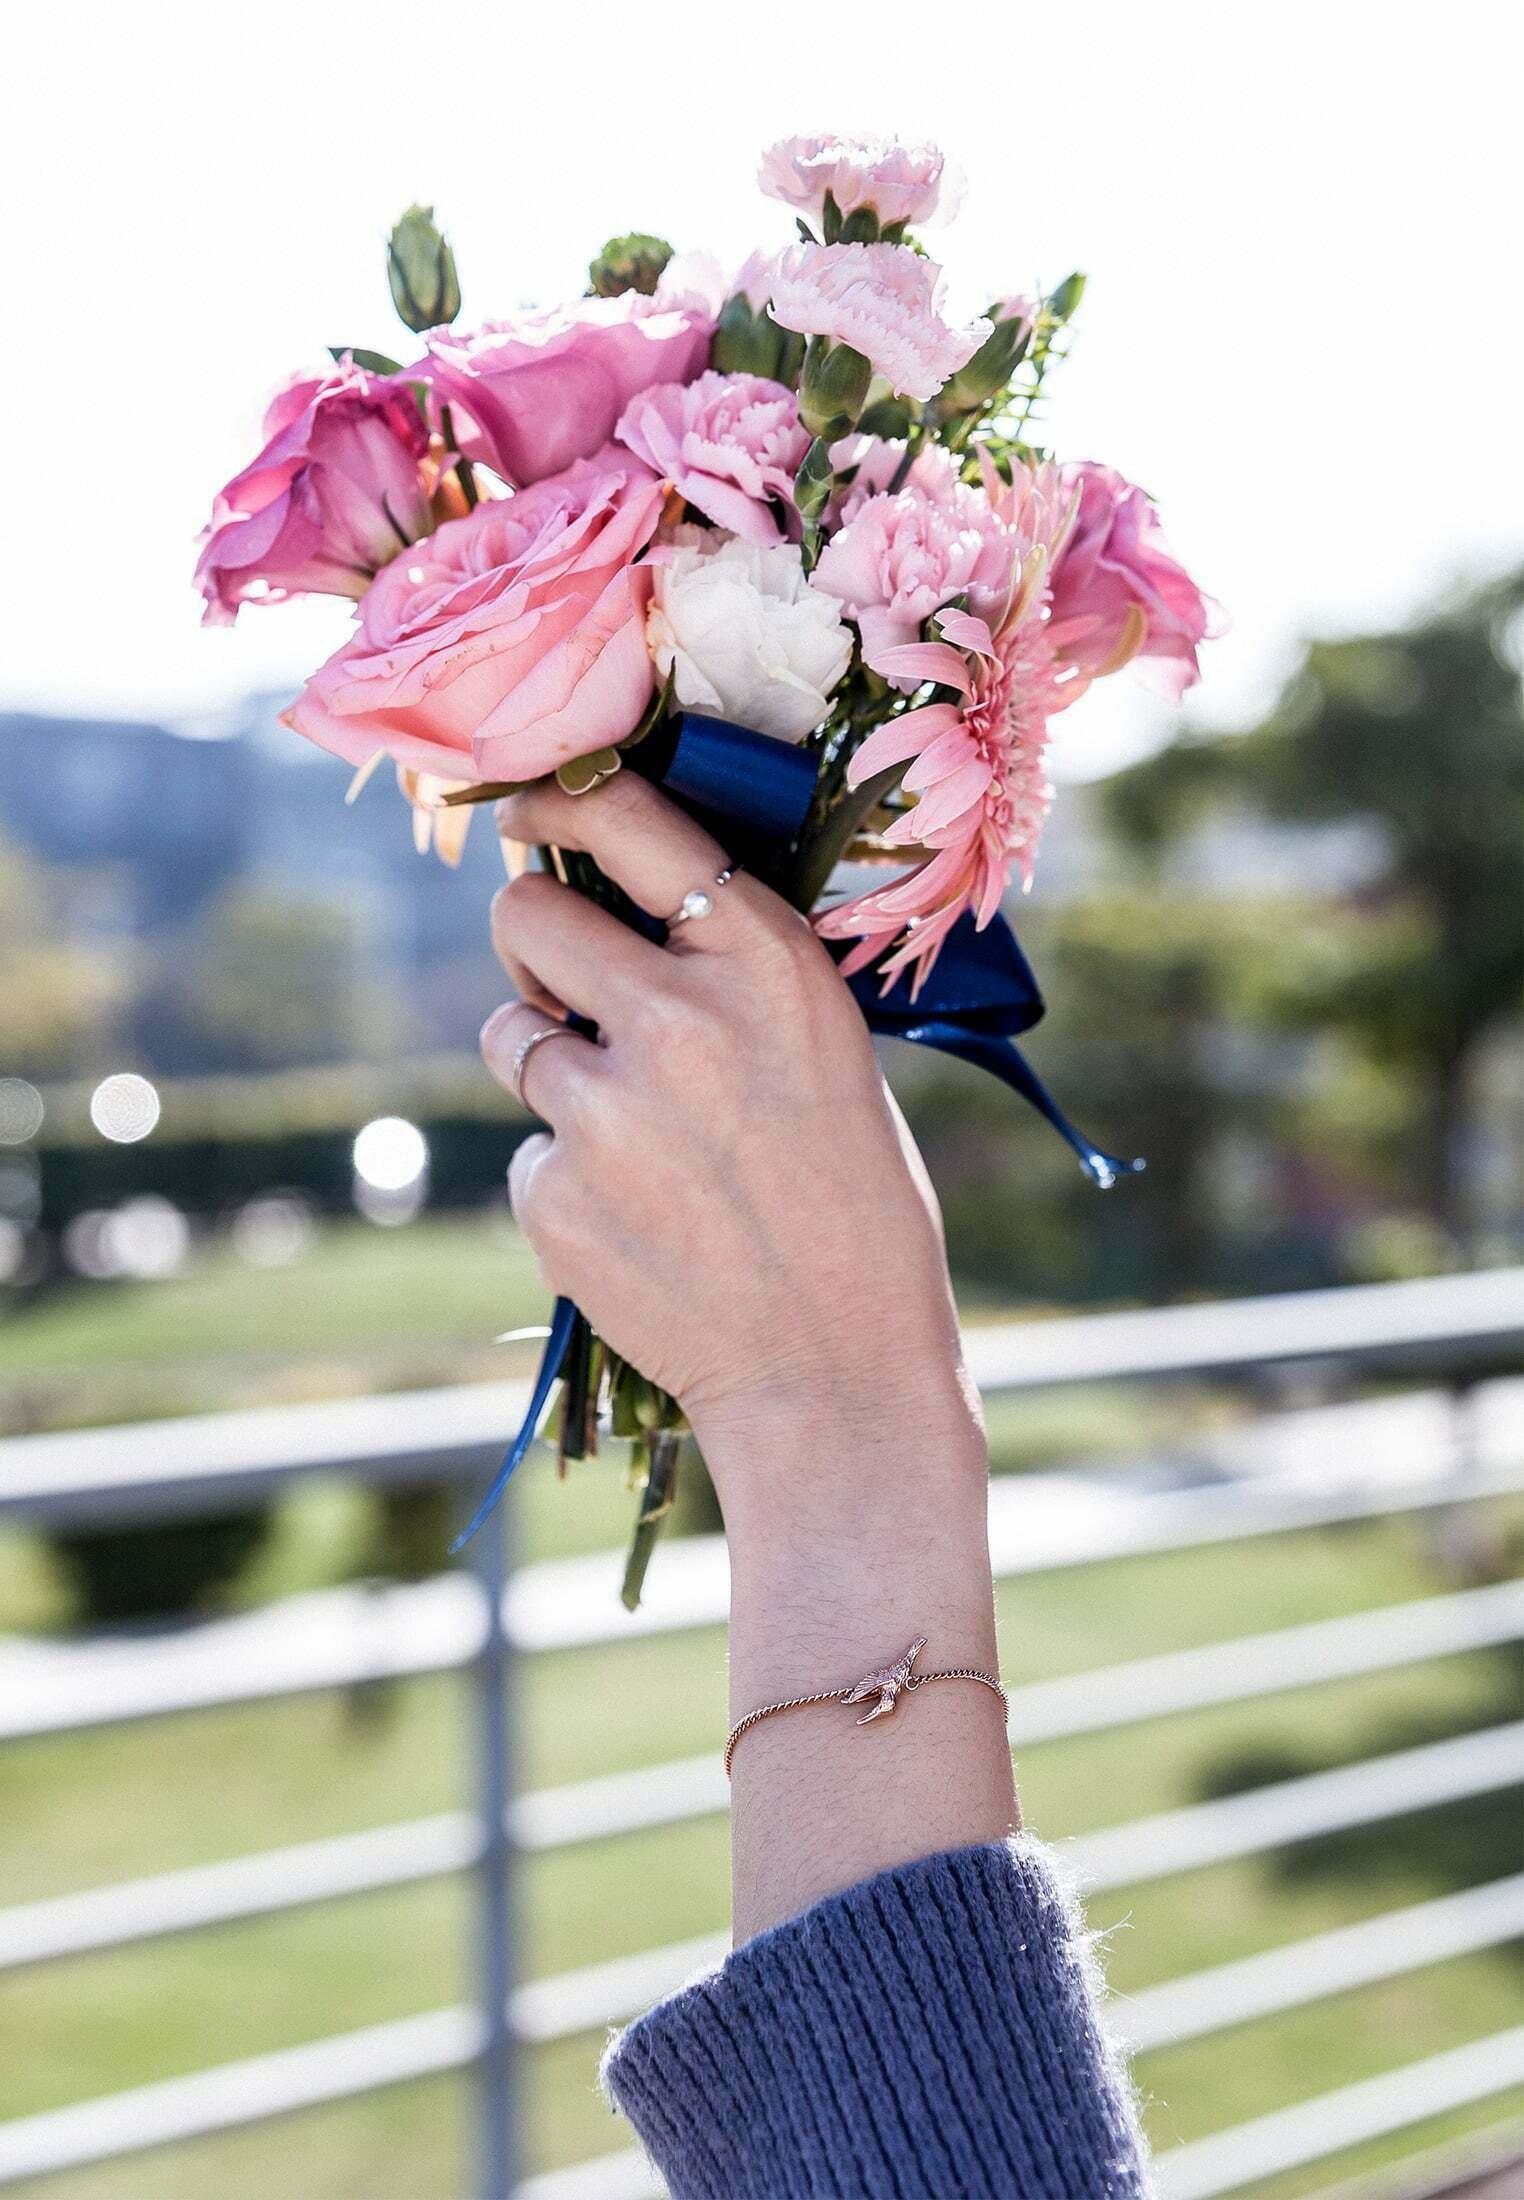 Femme LONDON MAIDA VALE BIRD - Bracelet